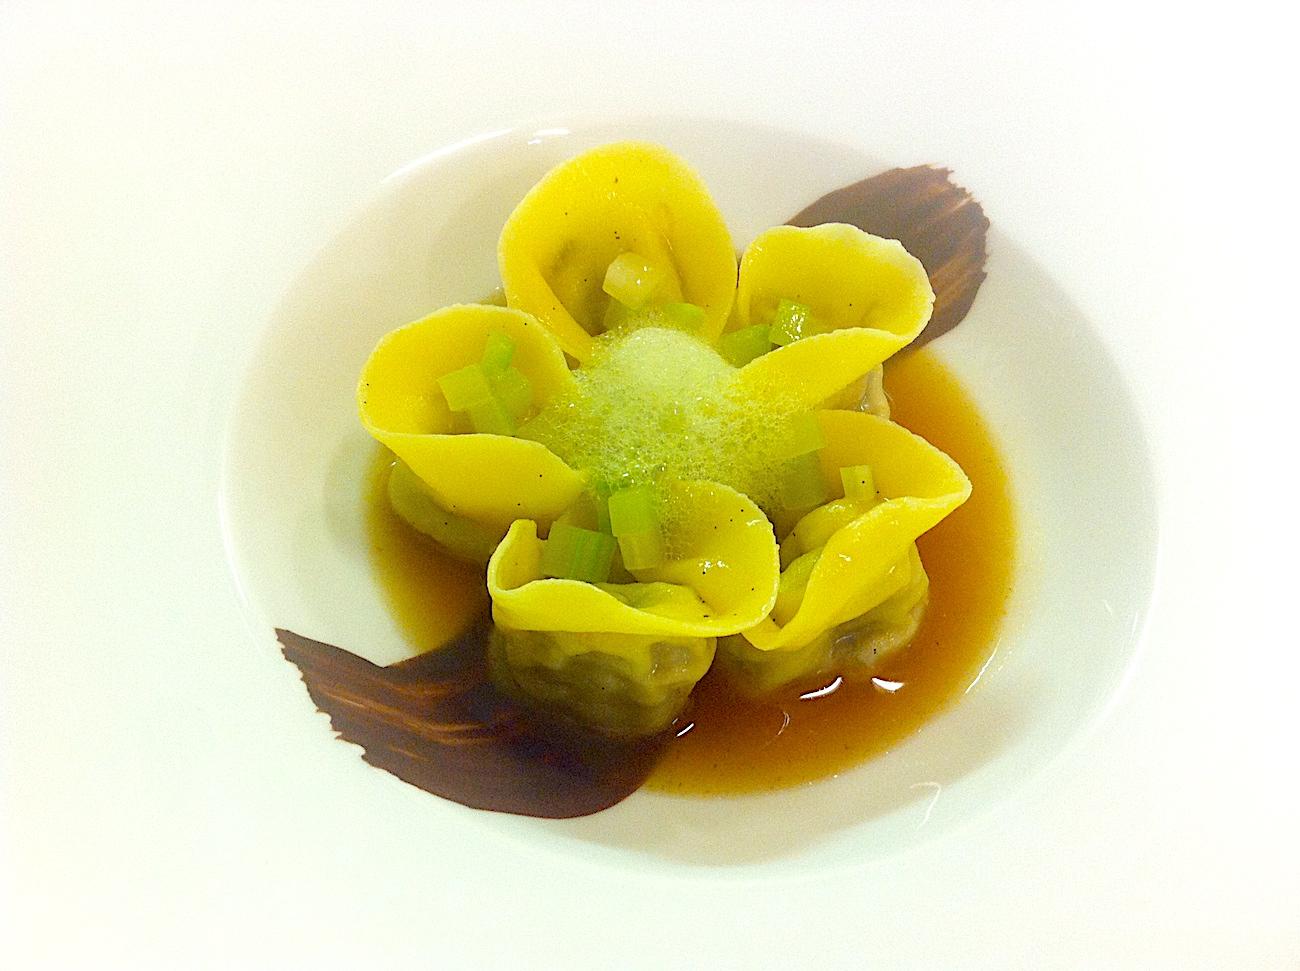 La ricetta dello chef Oliver Glowig